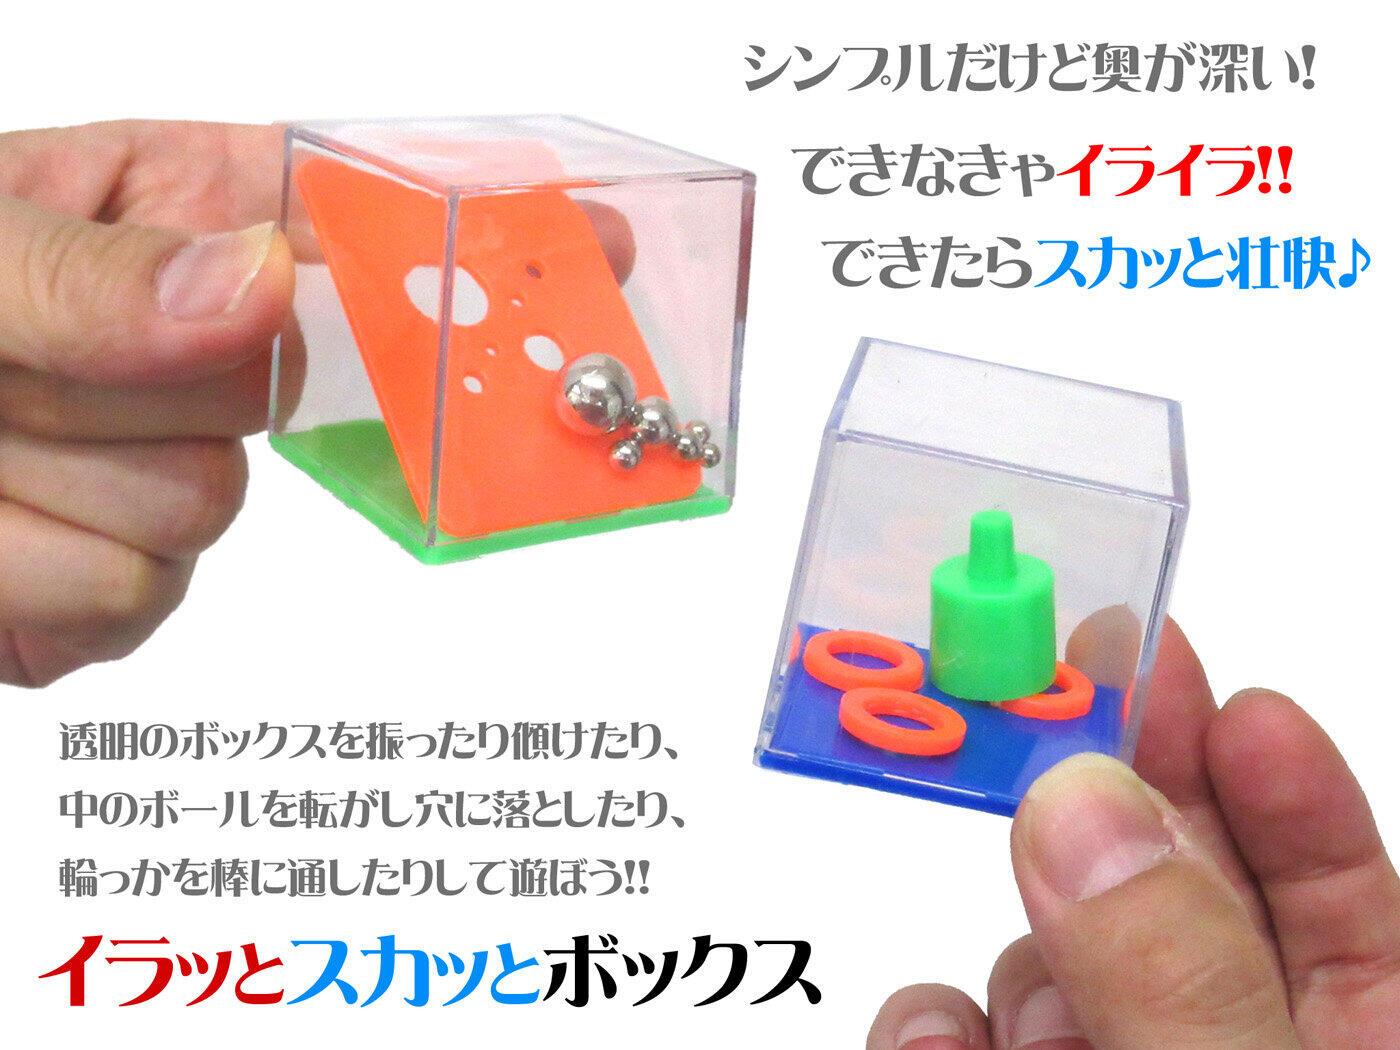 暇つぶしや知育玩具として人気の「イラッとスカッとボックス」